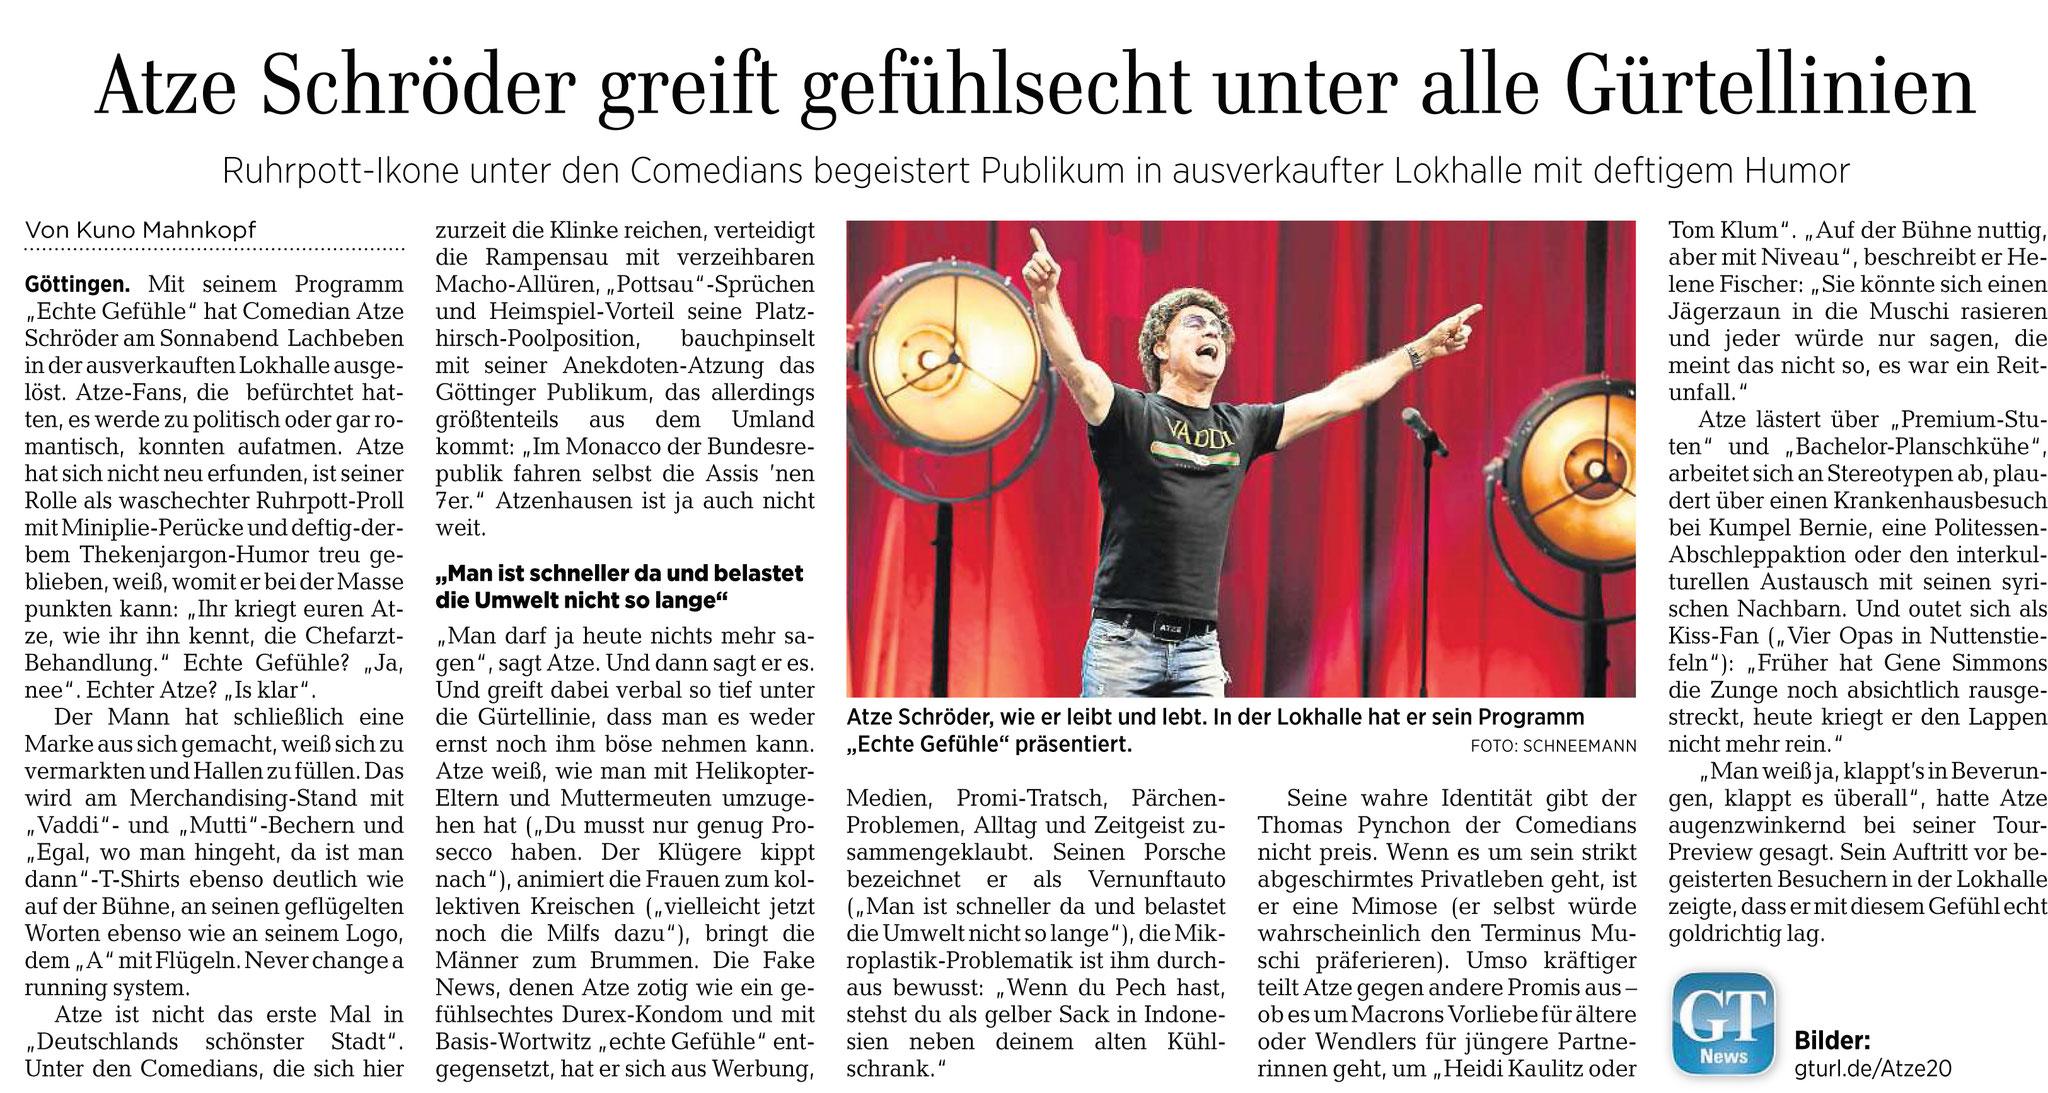 """Göttinger Tageblatt: Atze Schröder spielt """"echte Gefühle"""" in der Lokhalle Göttingen"""